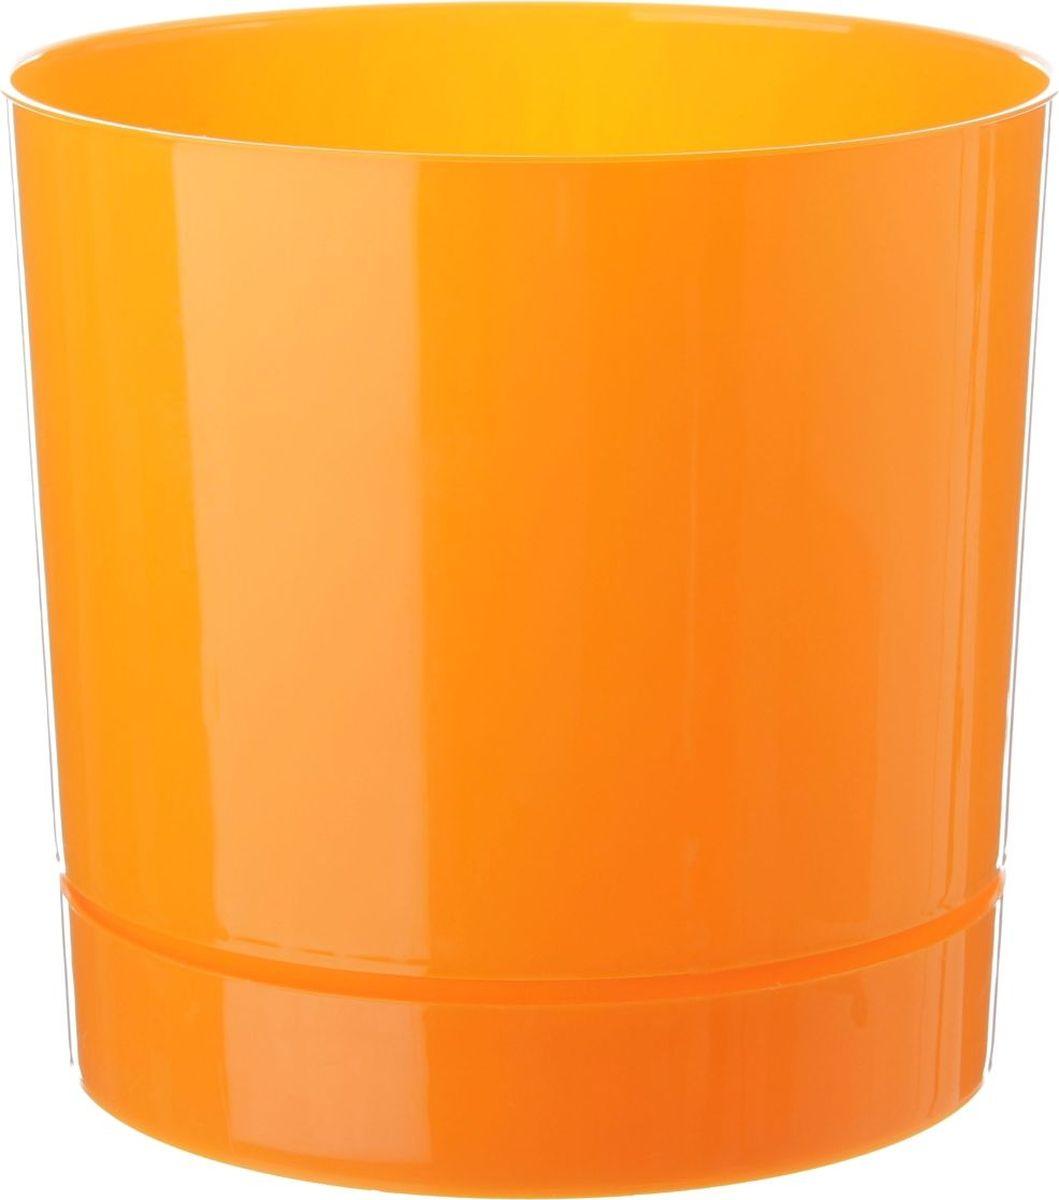 Горшок для цветов VesnaDecor, с поддоном, цвет: оранжевый, 3,6 л519246Любой, даже самый современный и продуманный интерьер будет не завершённым без растений. Они не только очищают воздух и насыщают его кислородом, но и заметно украшают окружающее пространство. Такому полезному &laquo члену семьи&raquoпросто необходимо красивое и функциональное кашпо, оригинальный горшок или необычная ваза! Мы предлагаем - Горшок 3,6 л для цветов d=18,6 см с поддоном, цвет оранжевый!Оптимальный выбор материала &mdash &nbsp пластмасса! Почему мы так считаем? Малый вес. С лёгкостью переносите горшки и кашпо с места на место, ставьте их на столики или полки, подвешивайте под потолок, не беспокоясь о нагрузке. Простота ухода. Пластиковые изделия не нуждаются в специальных условиях хранения. Их&nbsp легко чистить &mdashдостаточно просто сполоснуть тёплой водой. Никаких царапин. Пластиковые кашпо не царапают и не загрязняют поверхности, на которых стоят. Пластик дольше хранит влагу, а значит &mdashрастение реже нуждается в поливе. Пластмасса не пропускает воздух &mdashкорневой системе растения не грозят резкие перепады температур. Огромный выбор форм, декора и расцветок &mdashвы без труда подберёте что-то, что идеально впишется в уже существующий интерьер.Соблюдая нехитрые правила ухода, вы можете заметно продлить срок службы горшков, вазонов и кашпо из пластика: всегда учитывайте размер кроны и корневой системы растения (при разрастании большое растение способно повредить маленький горшок)берегите изделие от воздействия прямых солнечных лучей, чтобы кашпо и горшки не выцветалидержите кашпо и горшки из пластика подальше от нагревающихся поверхностей.Создавайте прекрасные цветочные композиции, выращивайте рассаду или необычные растения, а низкие цены позволят вам не ограничивать себя в выборе.